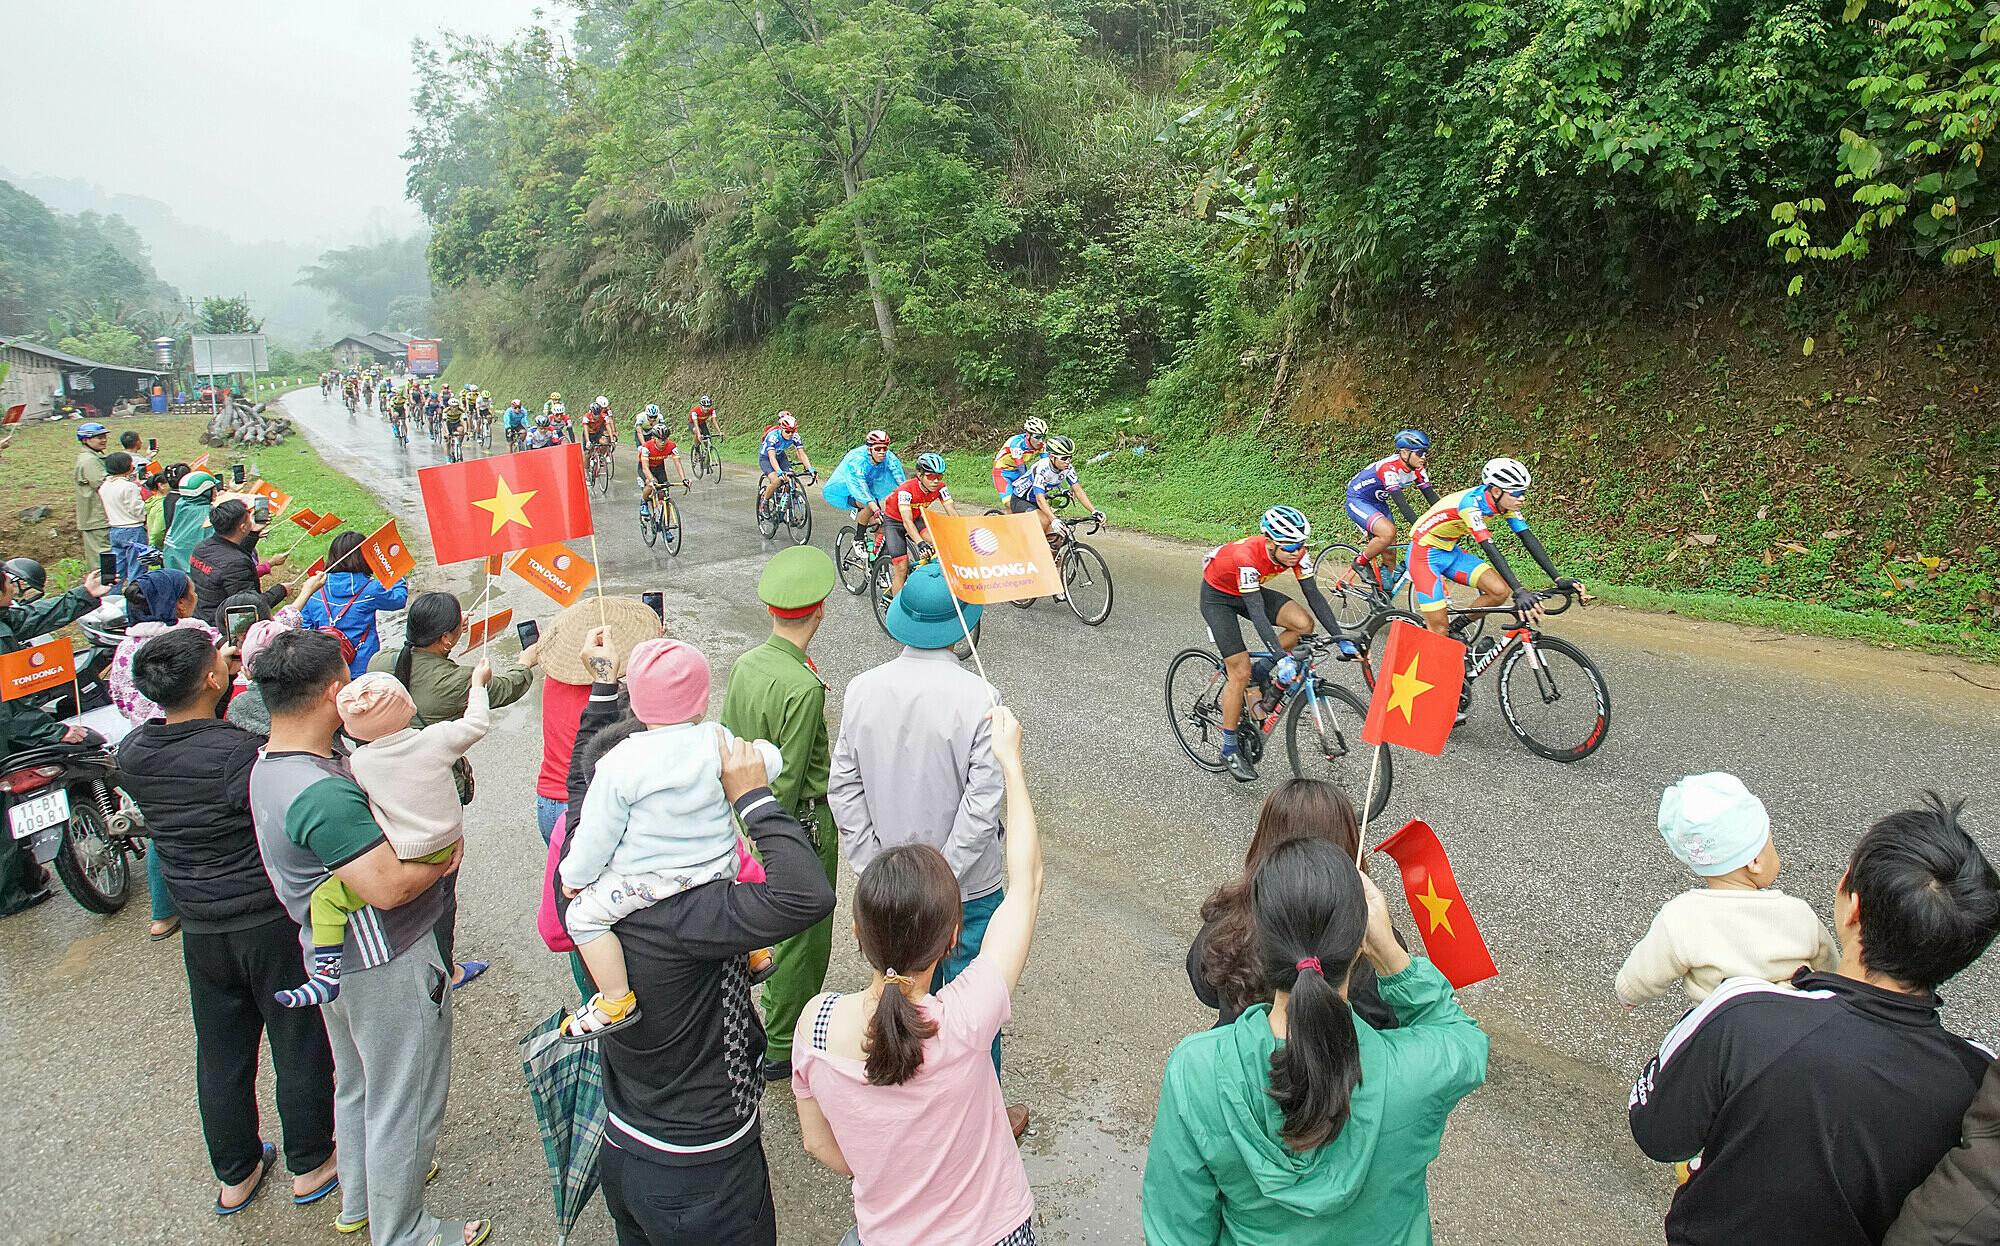 Người dân tỉnh Lạng Sơn chào đón đoàn đua. Đây là lần thứ hai, Cup Truyền hình đua về địa phương này sau 33 lần tổ chức. Ảnh: Tôn Đông Á.